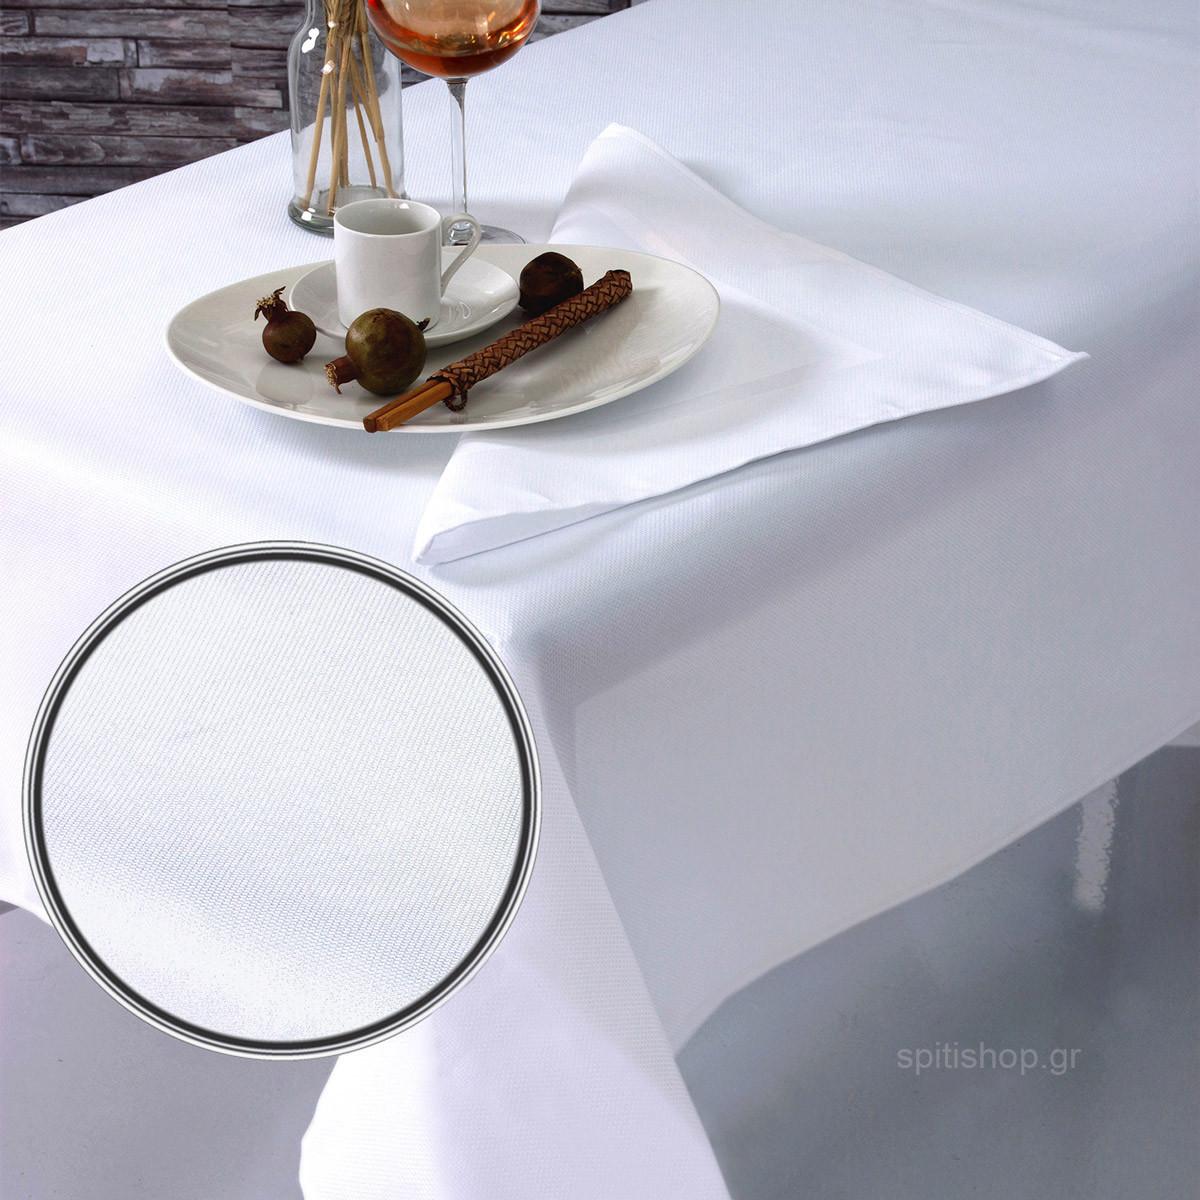 Πετσέτες Φαγητού (Σετ 2τμχ) Sb Home Charm White